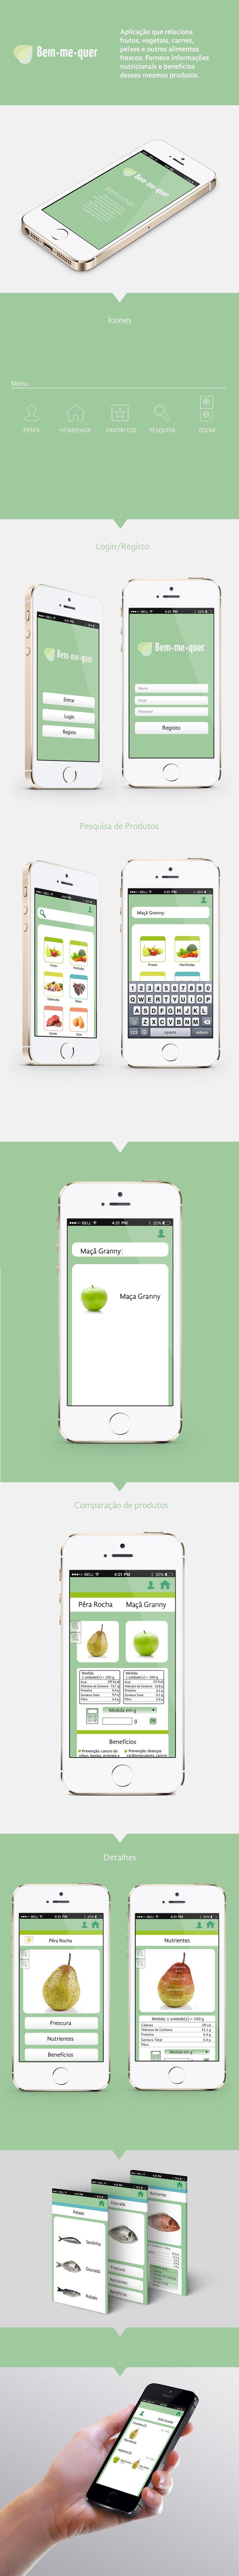 Aplicação Mobile: Bem-me-quer on Behance